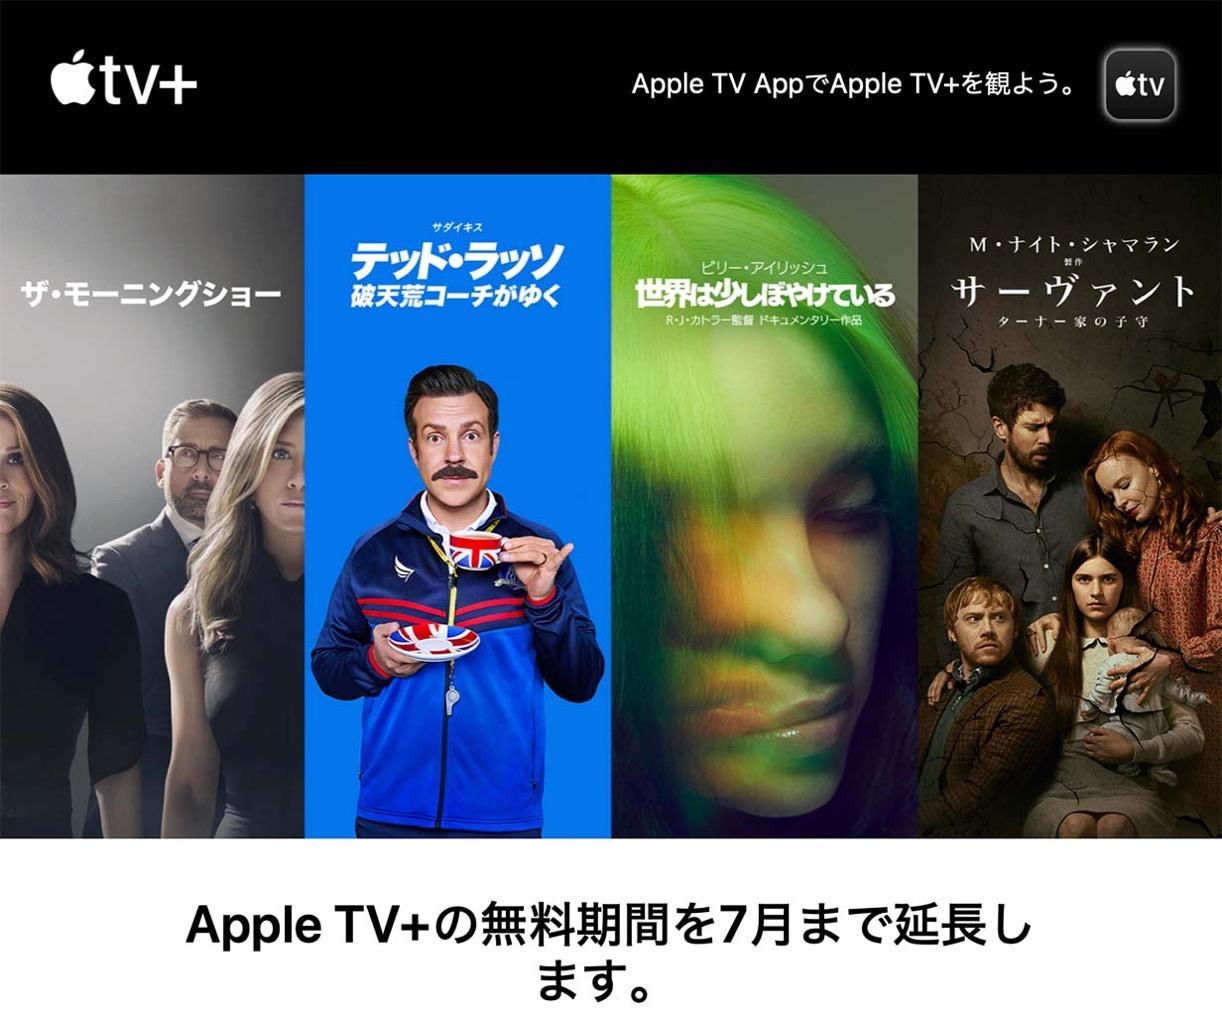 Appletvplusmuryo